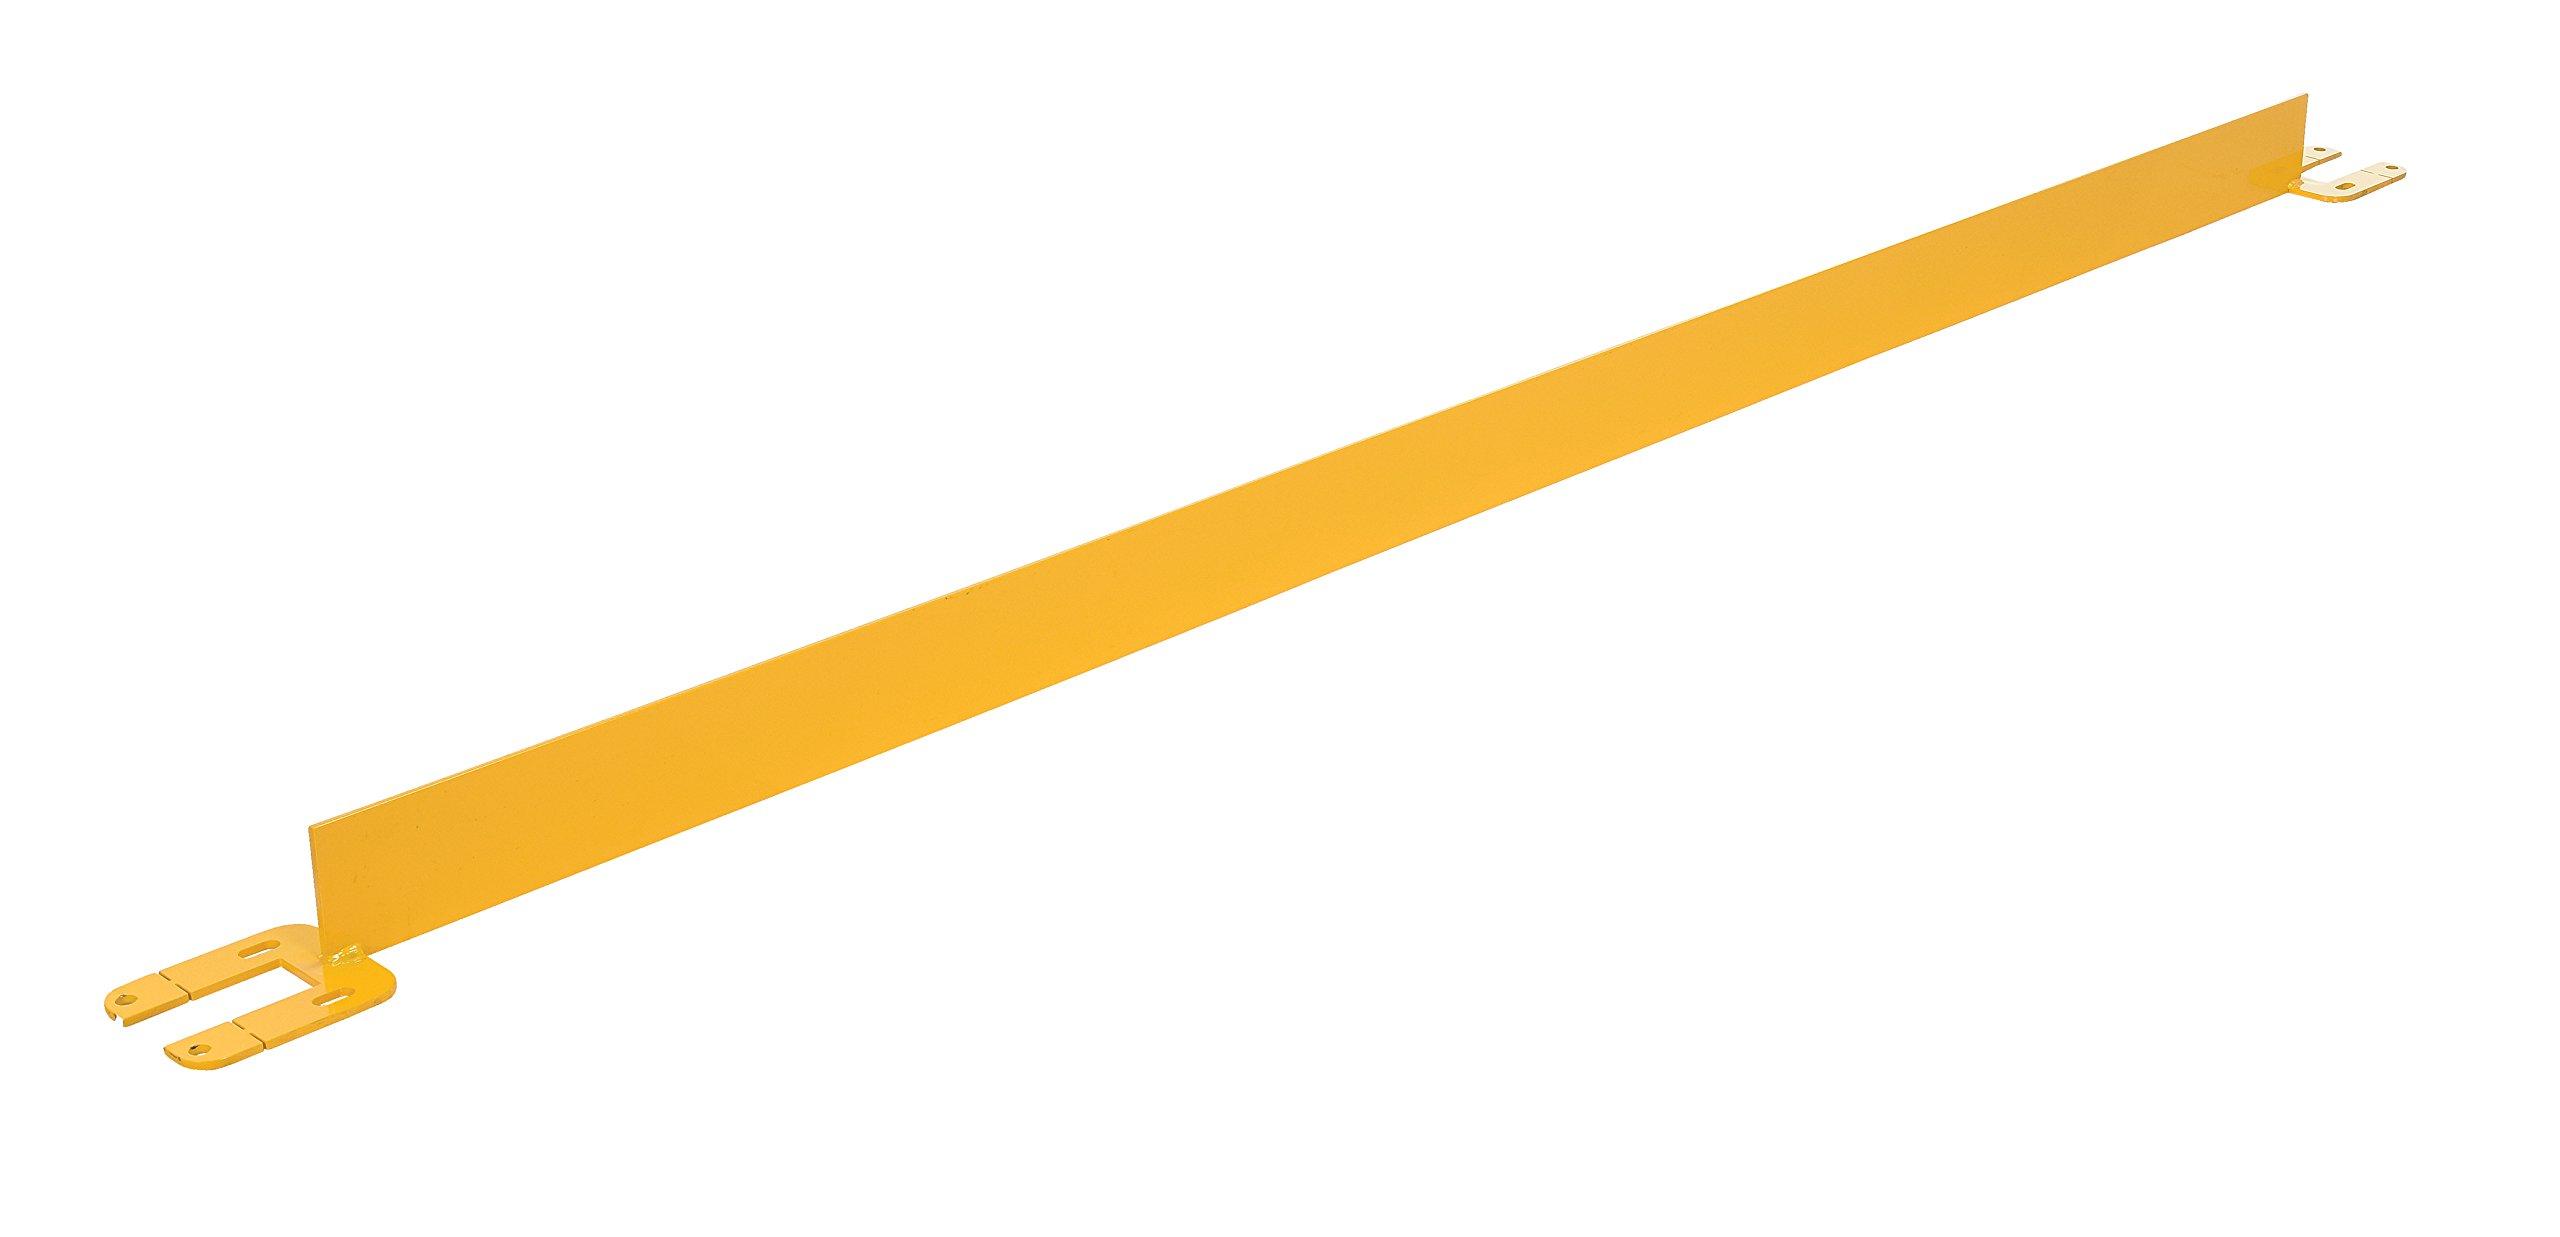 Vestil VDKR-8-TB Toeboard for Pipe Safety Railings, 8' Length, Yellow